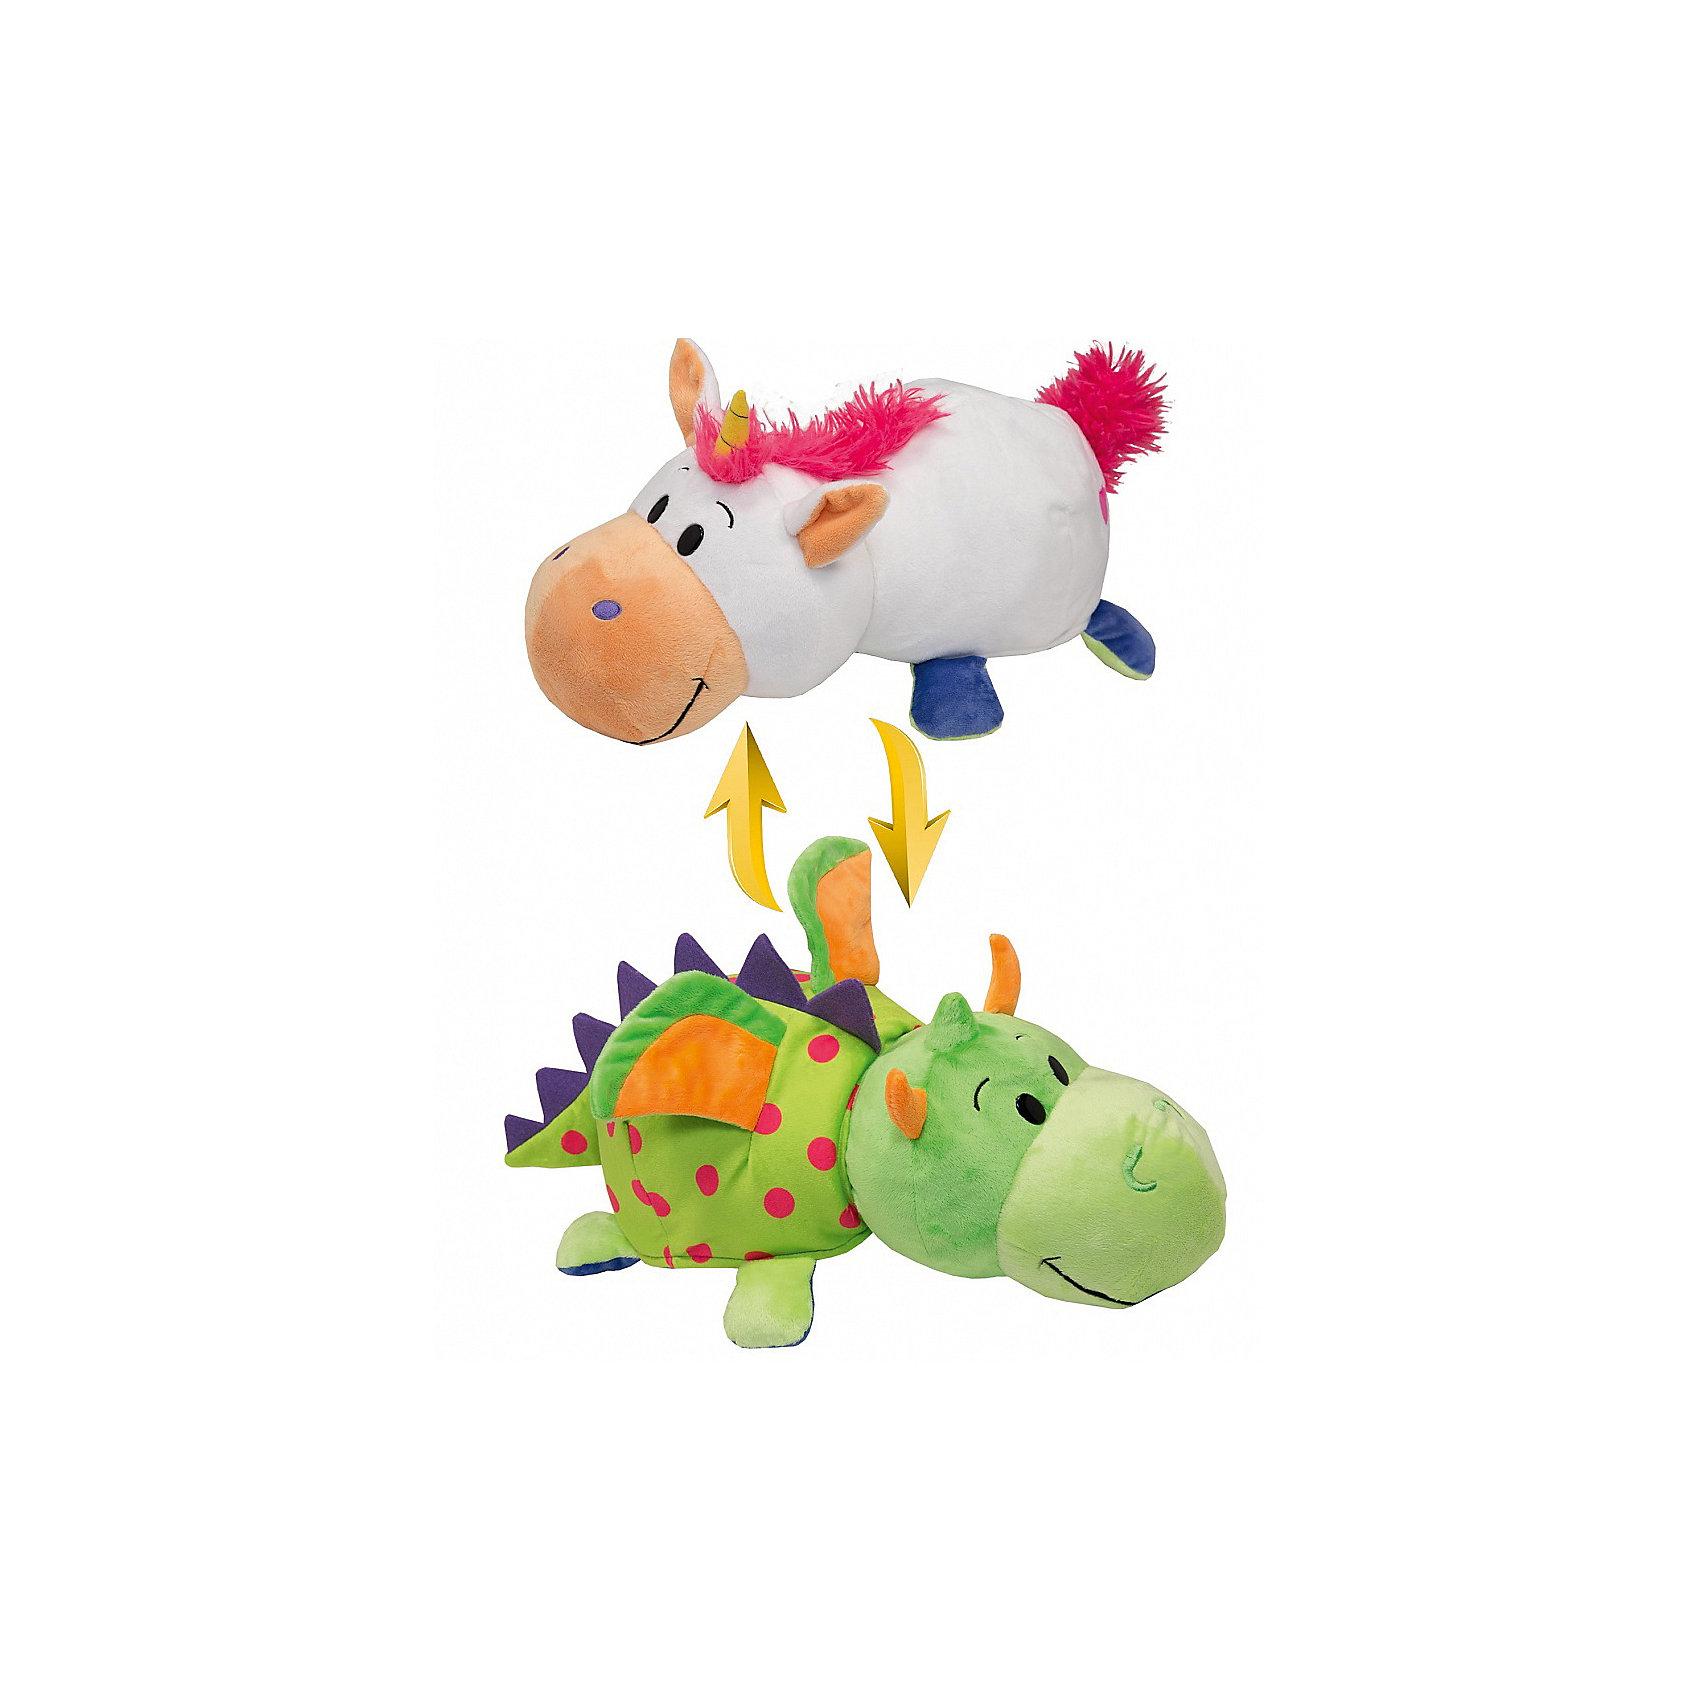 Мягкая игрушка-вывернушка 2 в 1 1Toy Единорог-Дракон, 28 см